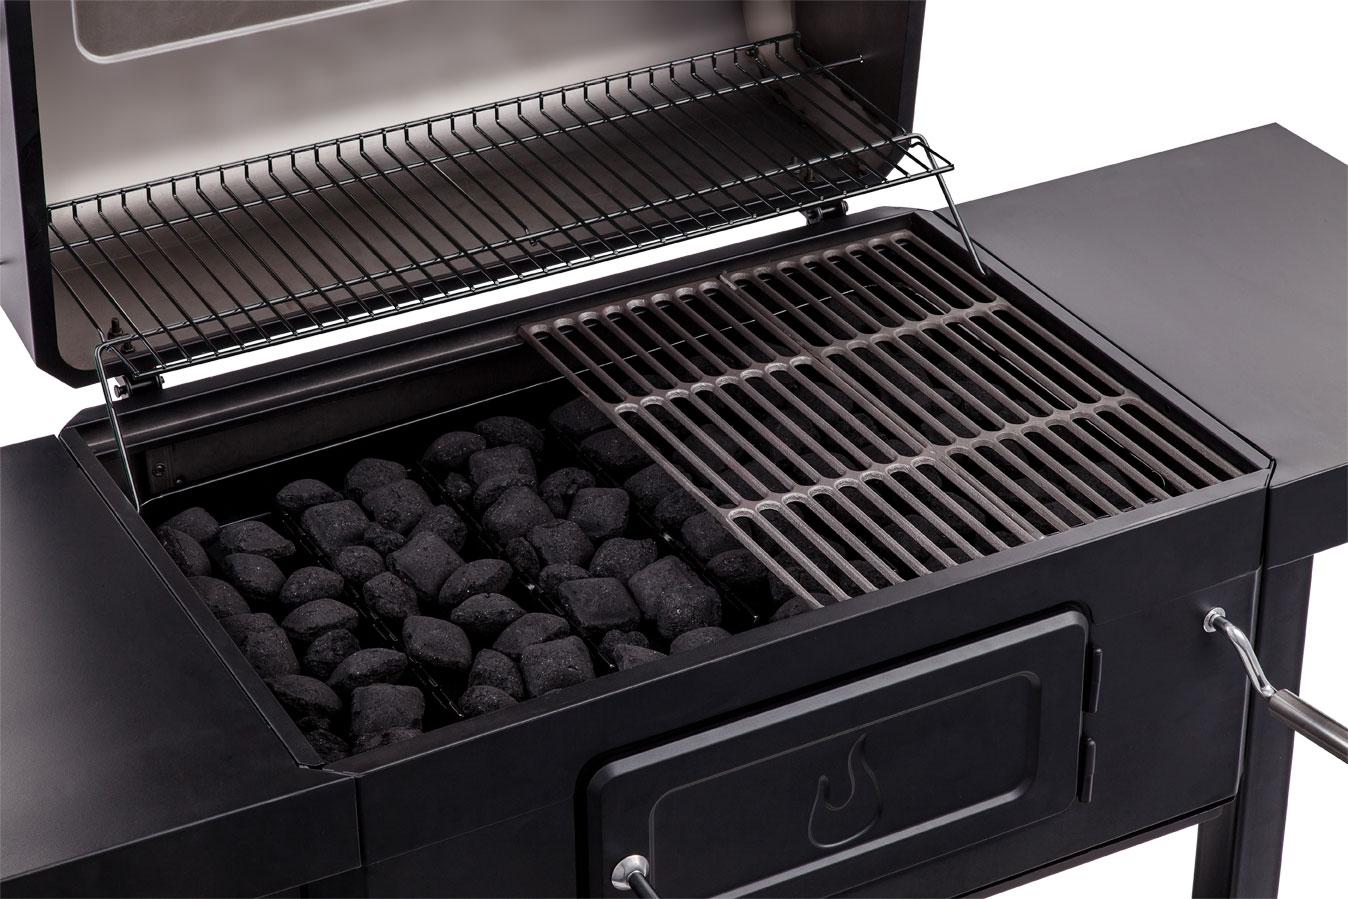 char broil holzkohlegrill grillwagen performance charcoal 3500 bei. Black Bedroom Furniture Sets. Home Design Ideas